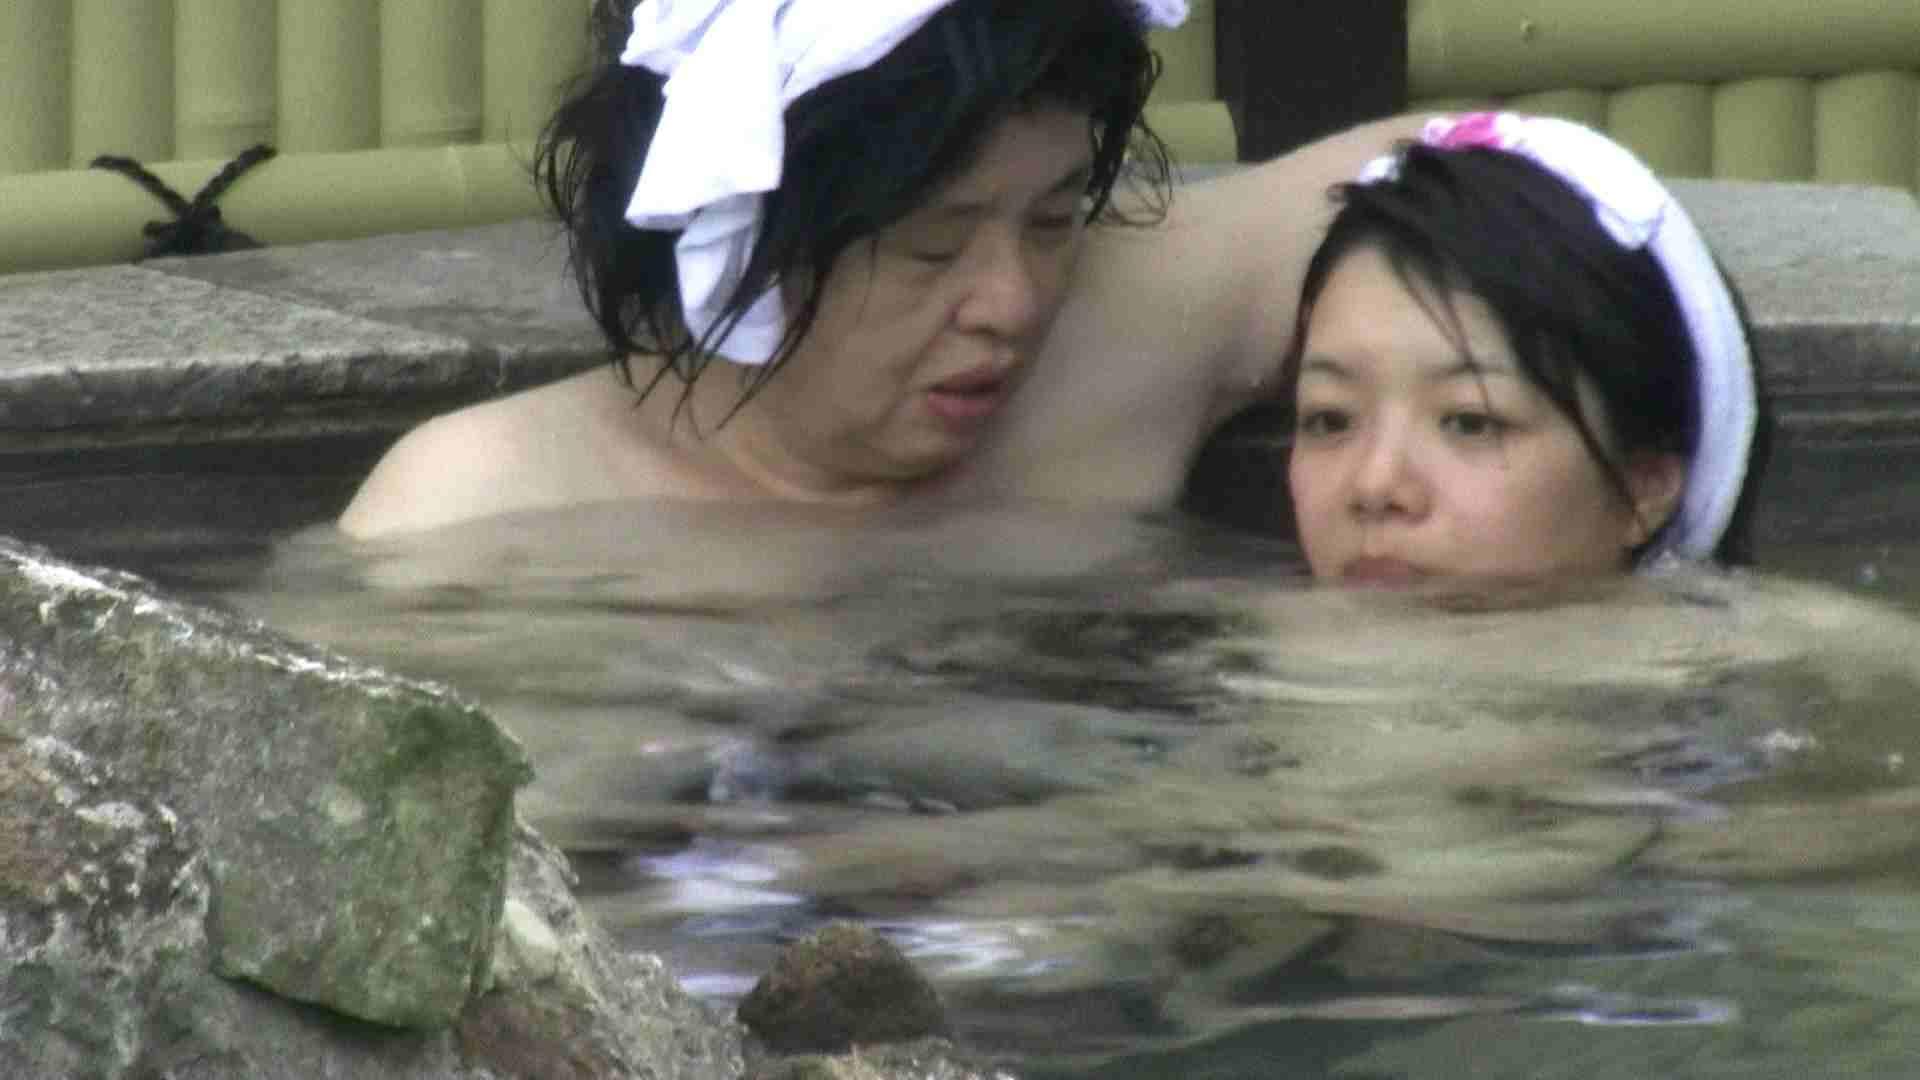 Aquaな露天風呂Vol.179 盗撮 オメコ動画キャプチャ 105連発 38